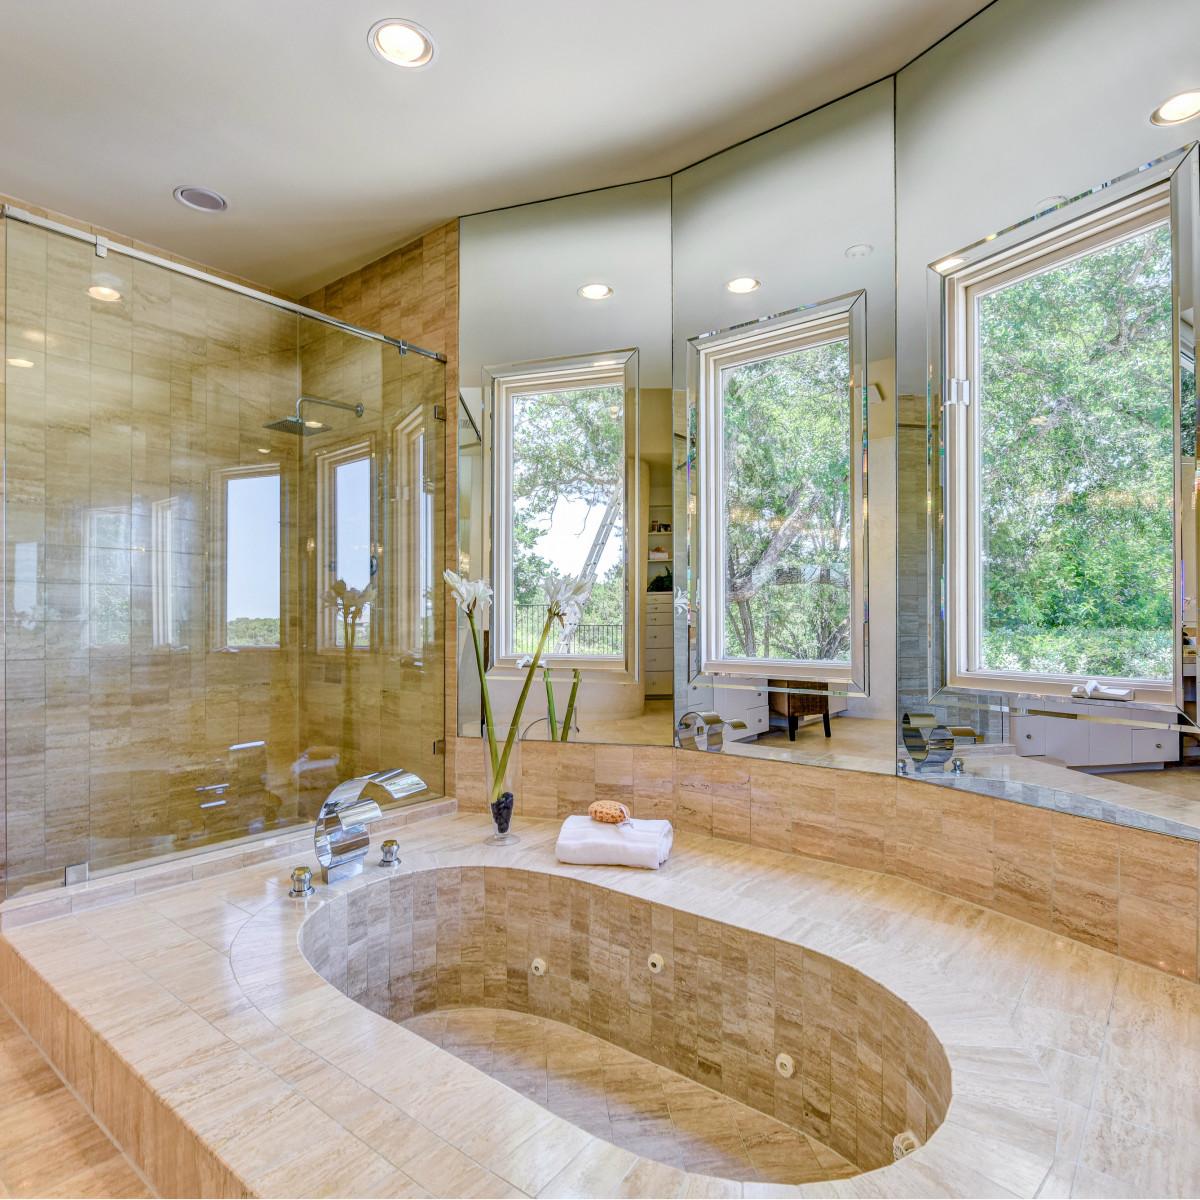 3304 Barton Creek Austin house for sale bathroom